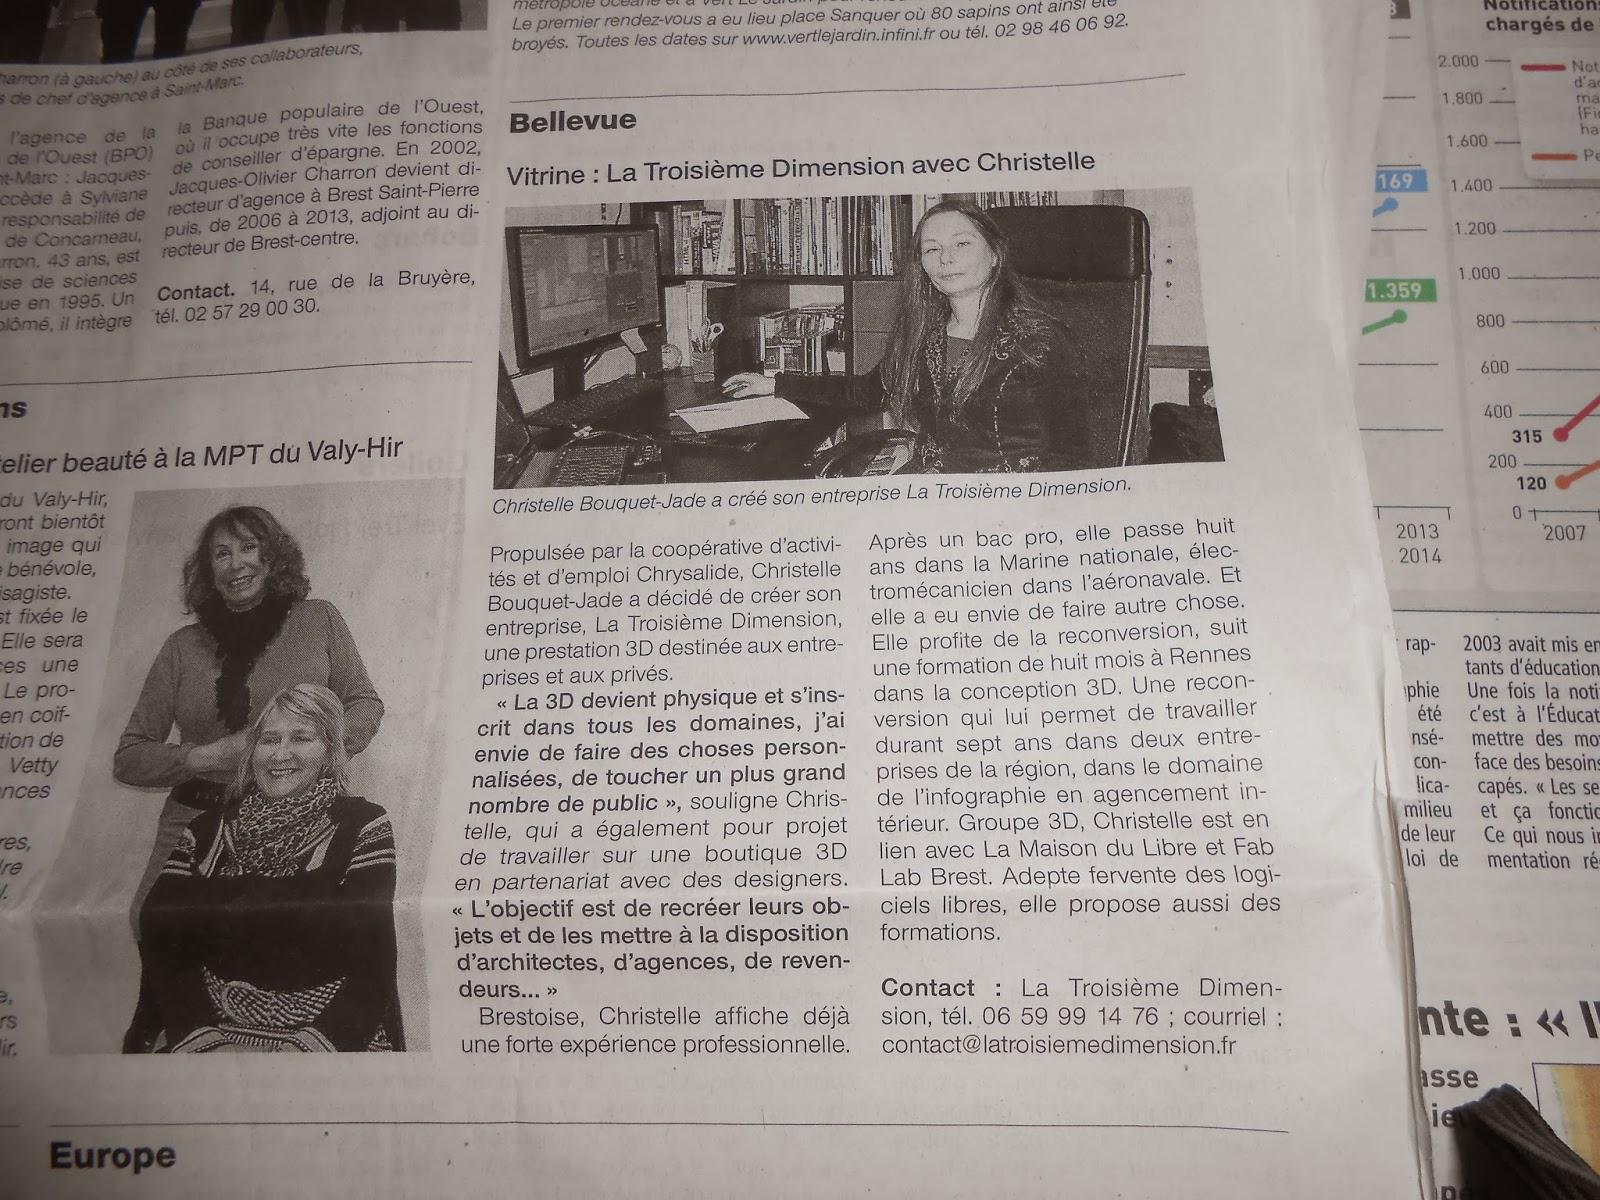 La Troisième Dimension dans la Presse: Ouest France 10 janvier 2014